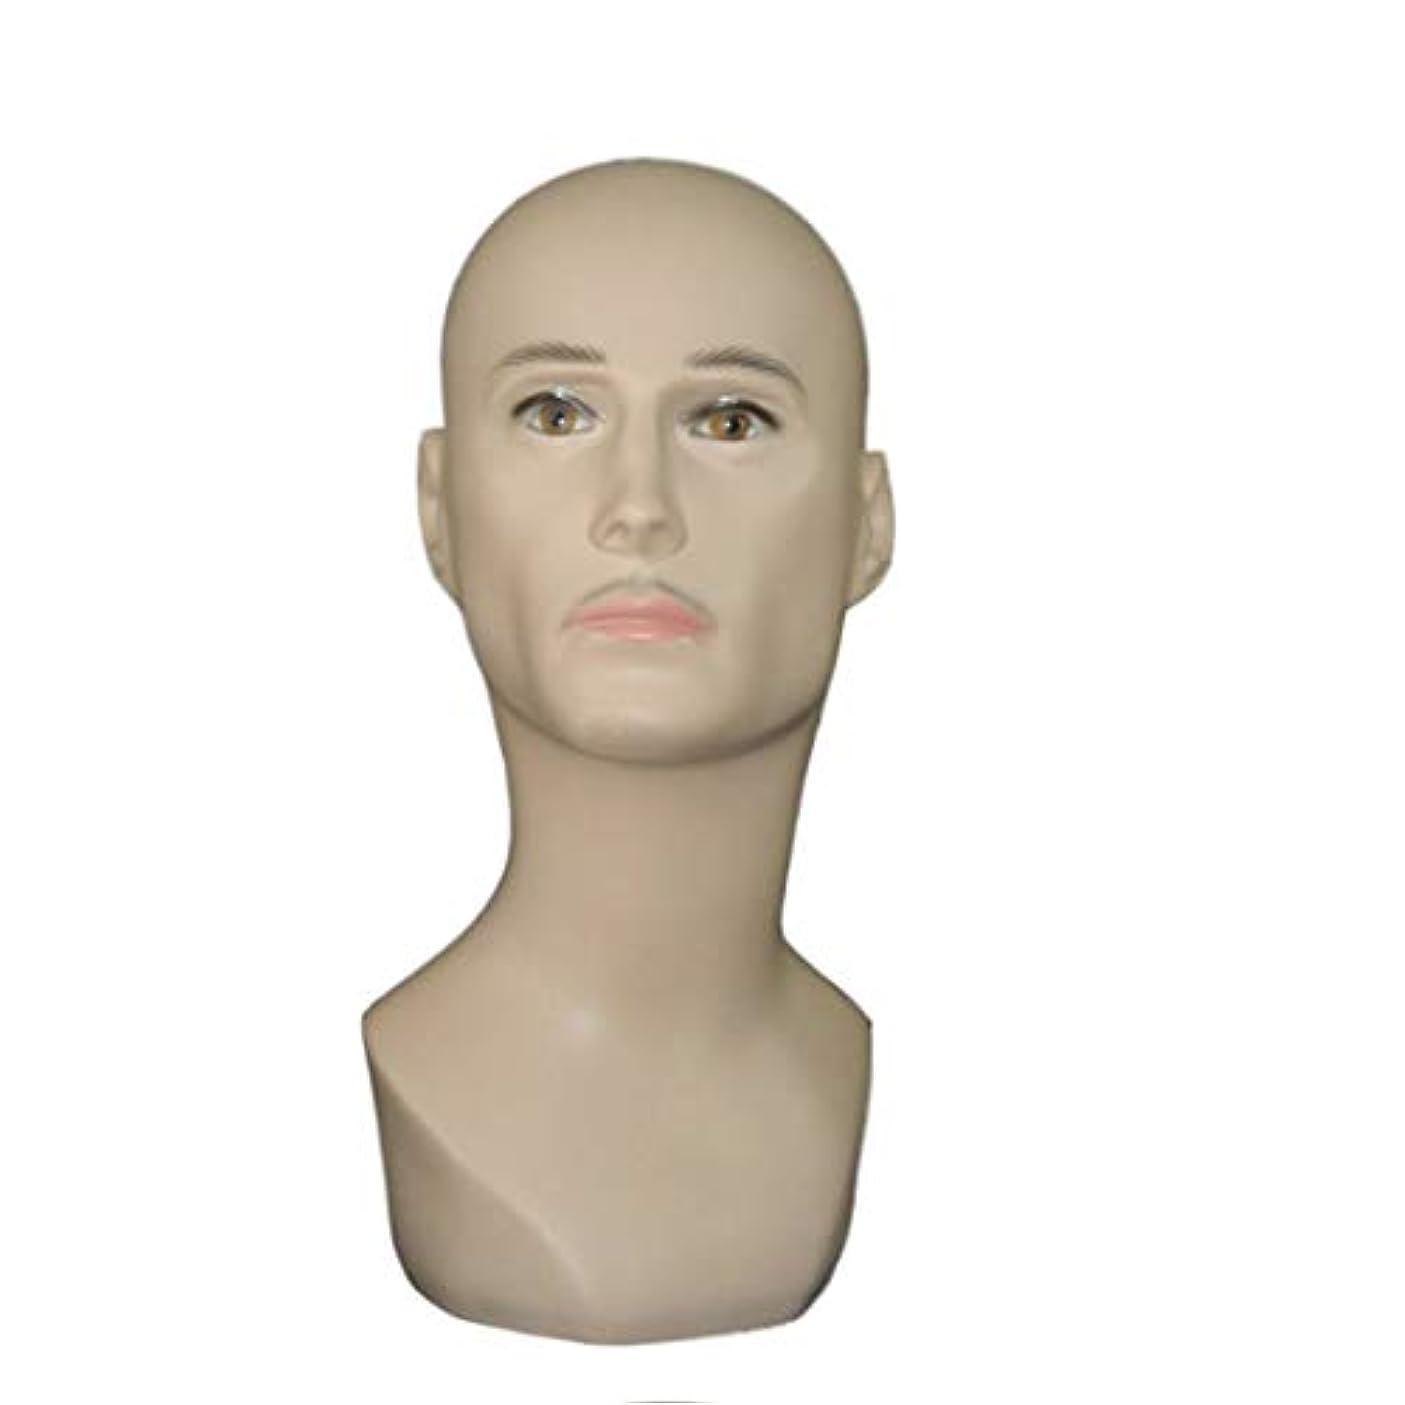 書き出すベスビオ山店主PVCヘッド型トレーニングマネキンフラットヘッド練習、ヘッド美容男性ヘッド型メガネ&caphatショーマネキンヘッド モデリングツール (Style : A-Skin tone)